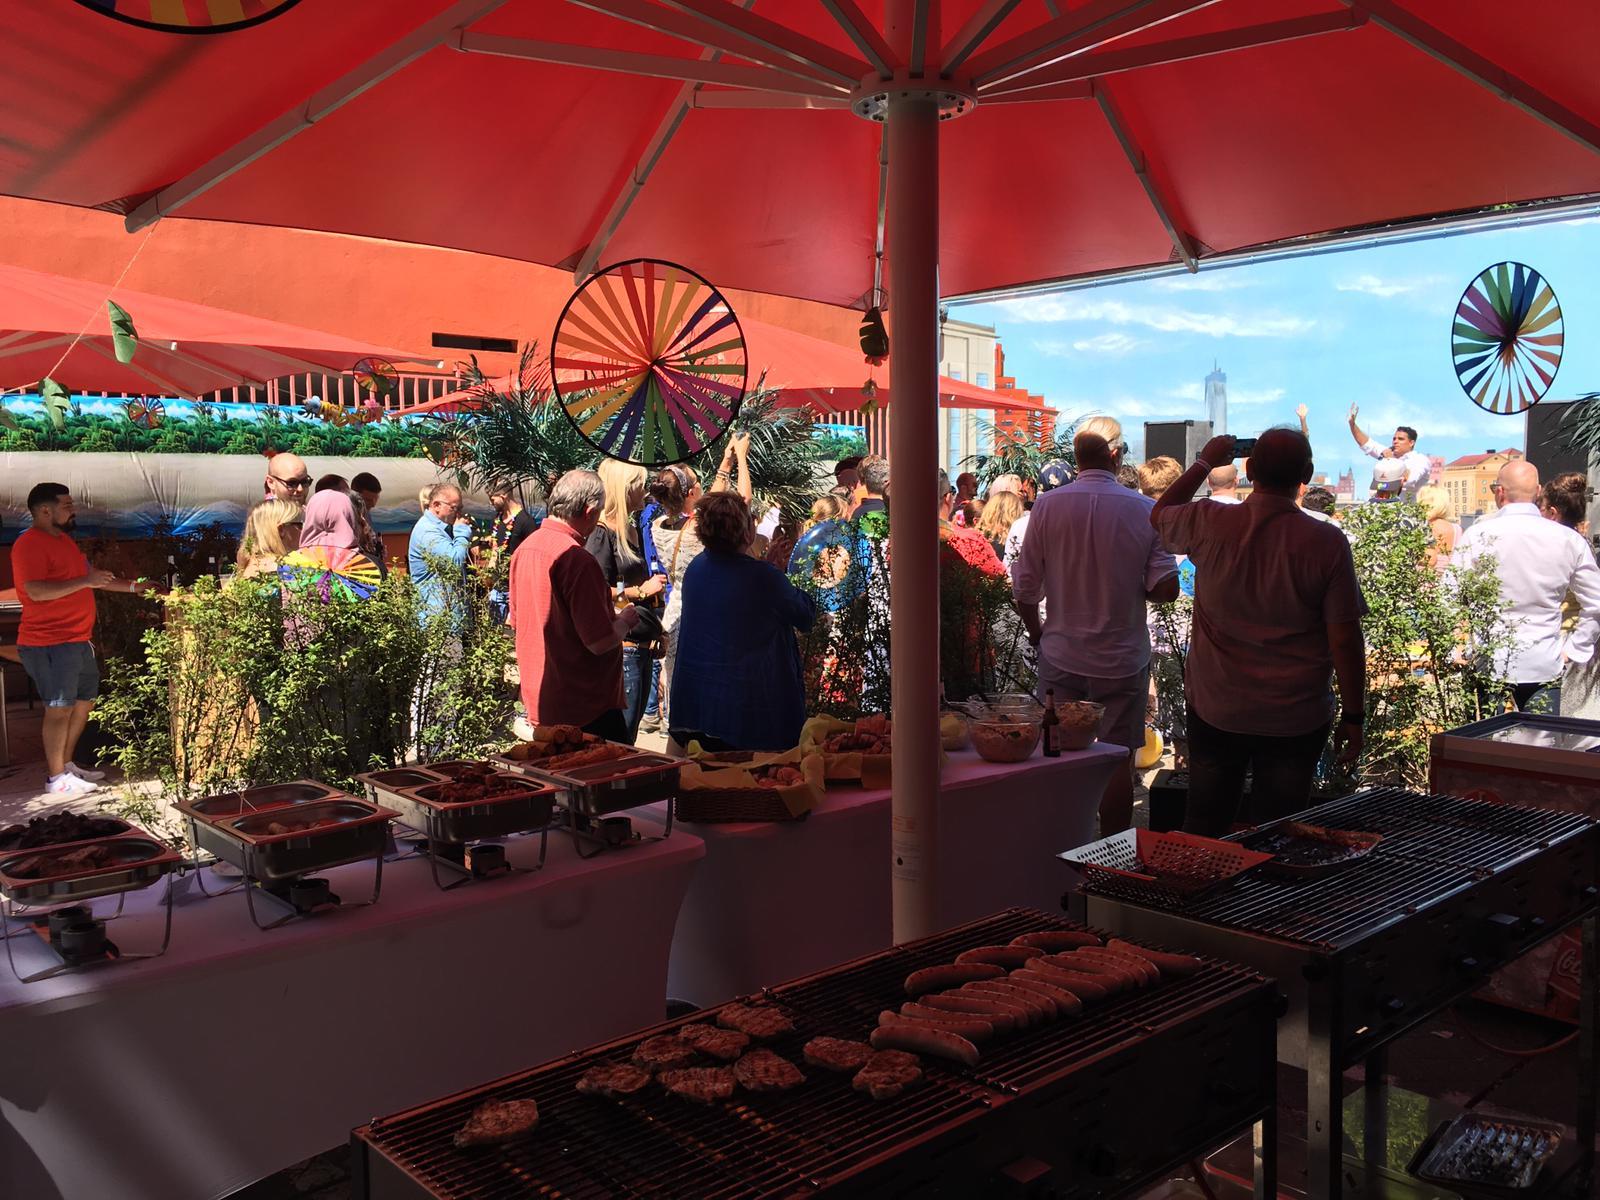 Grillservice Knepper - mobiles Grillbuffet in Köln - Firmenevent mit Grillbuffet und Livemusik (2)